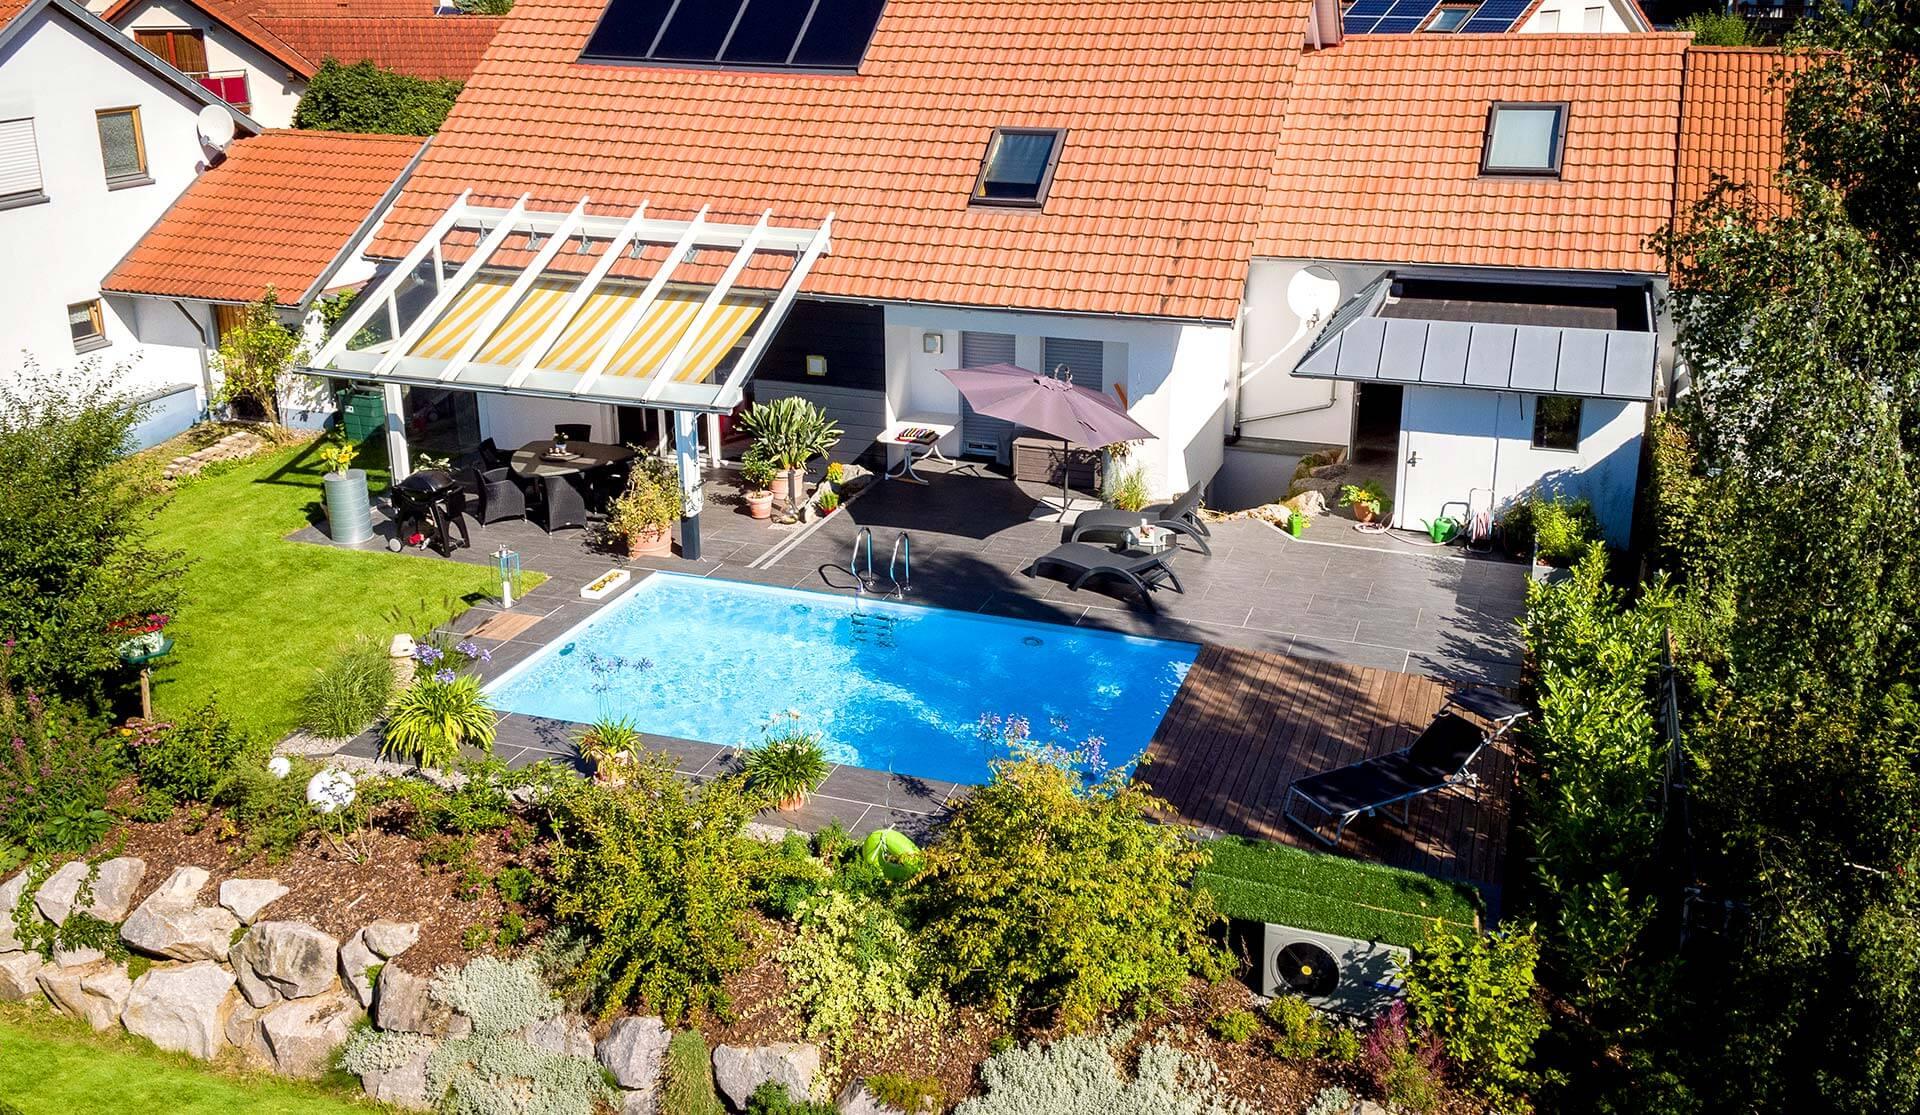 Luftbild von Pool und Terrasse